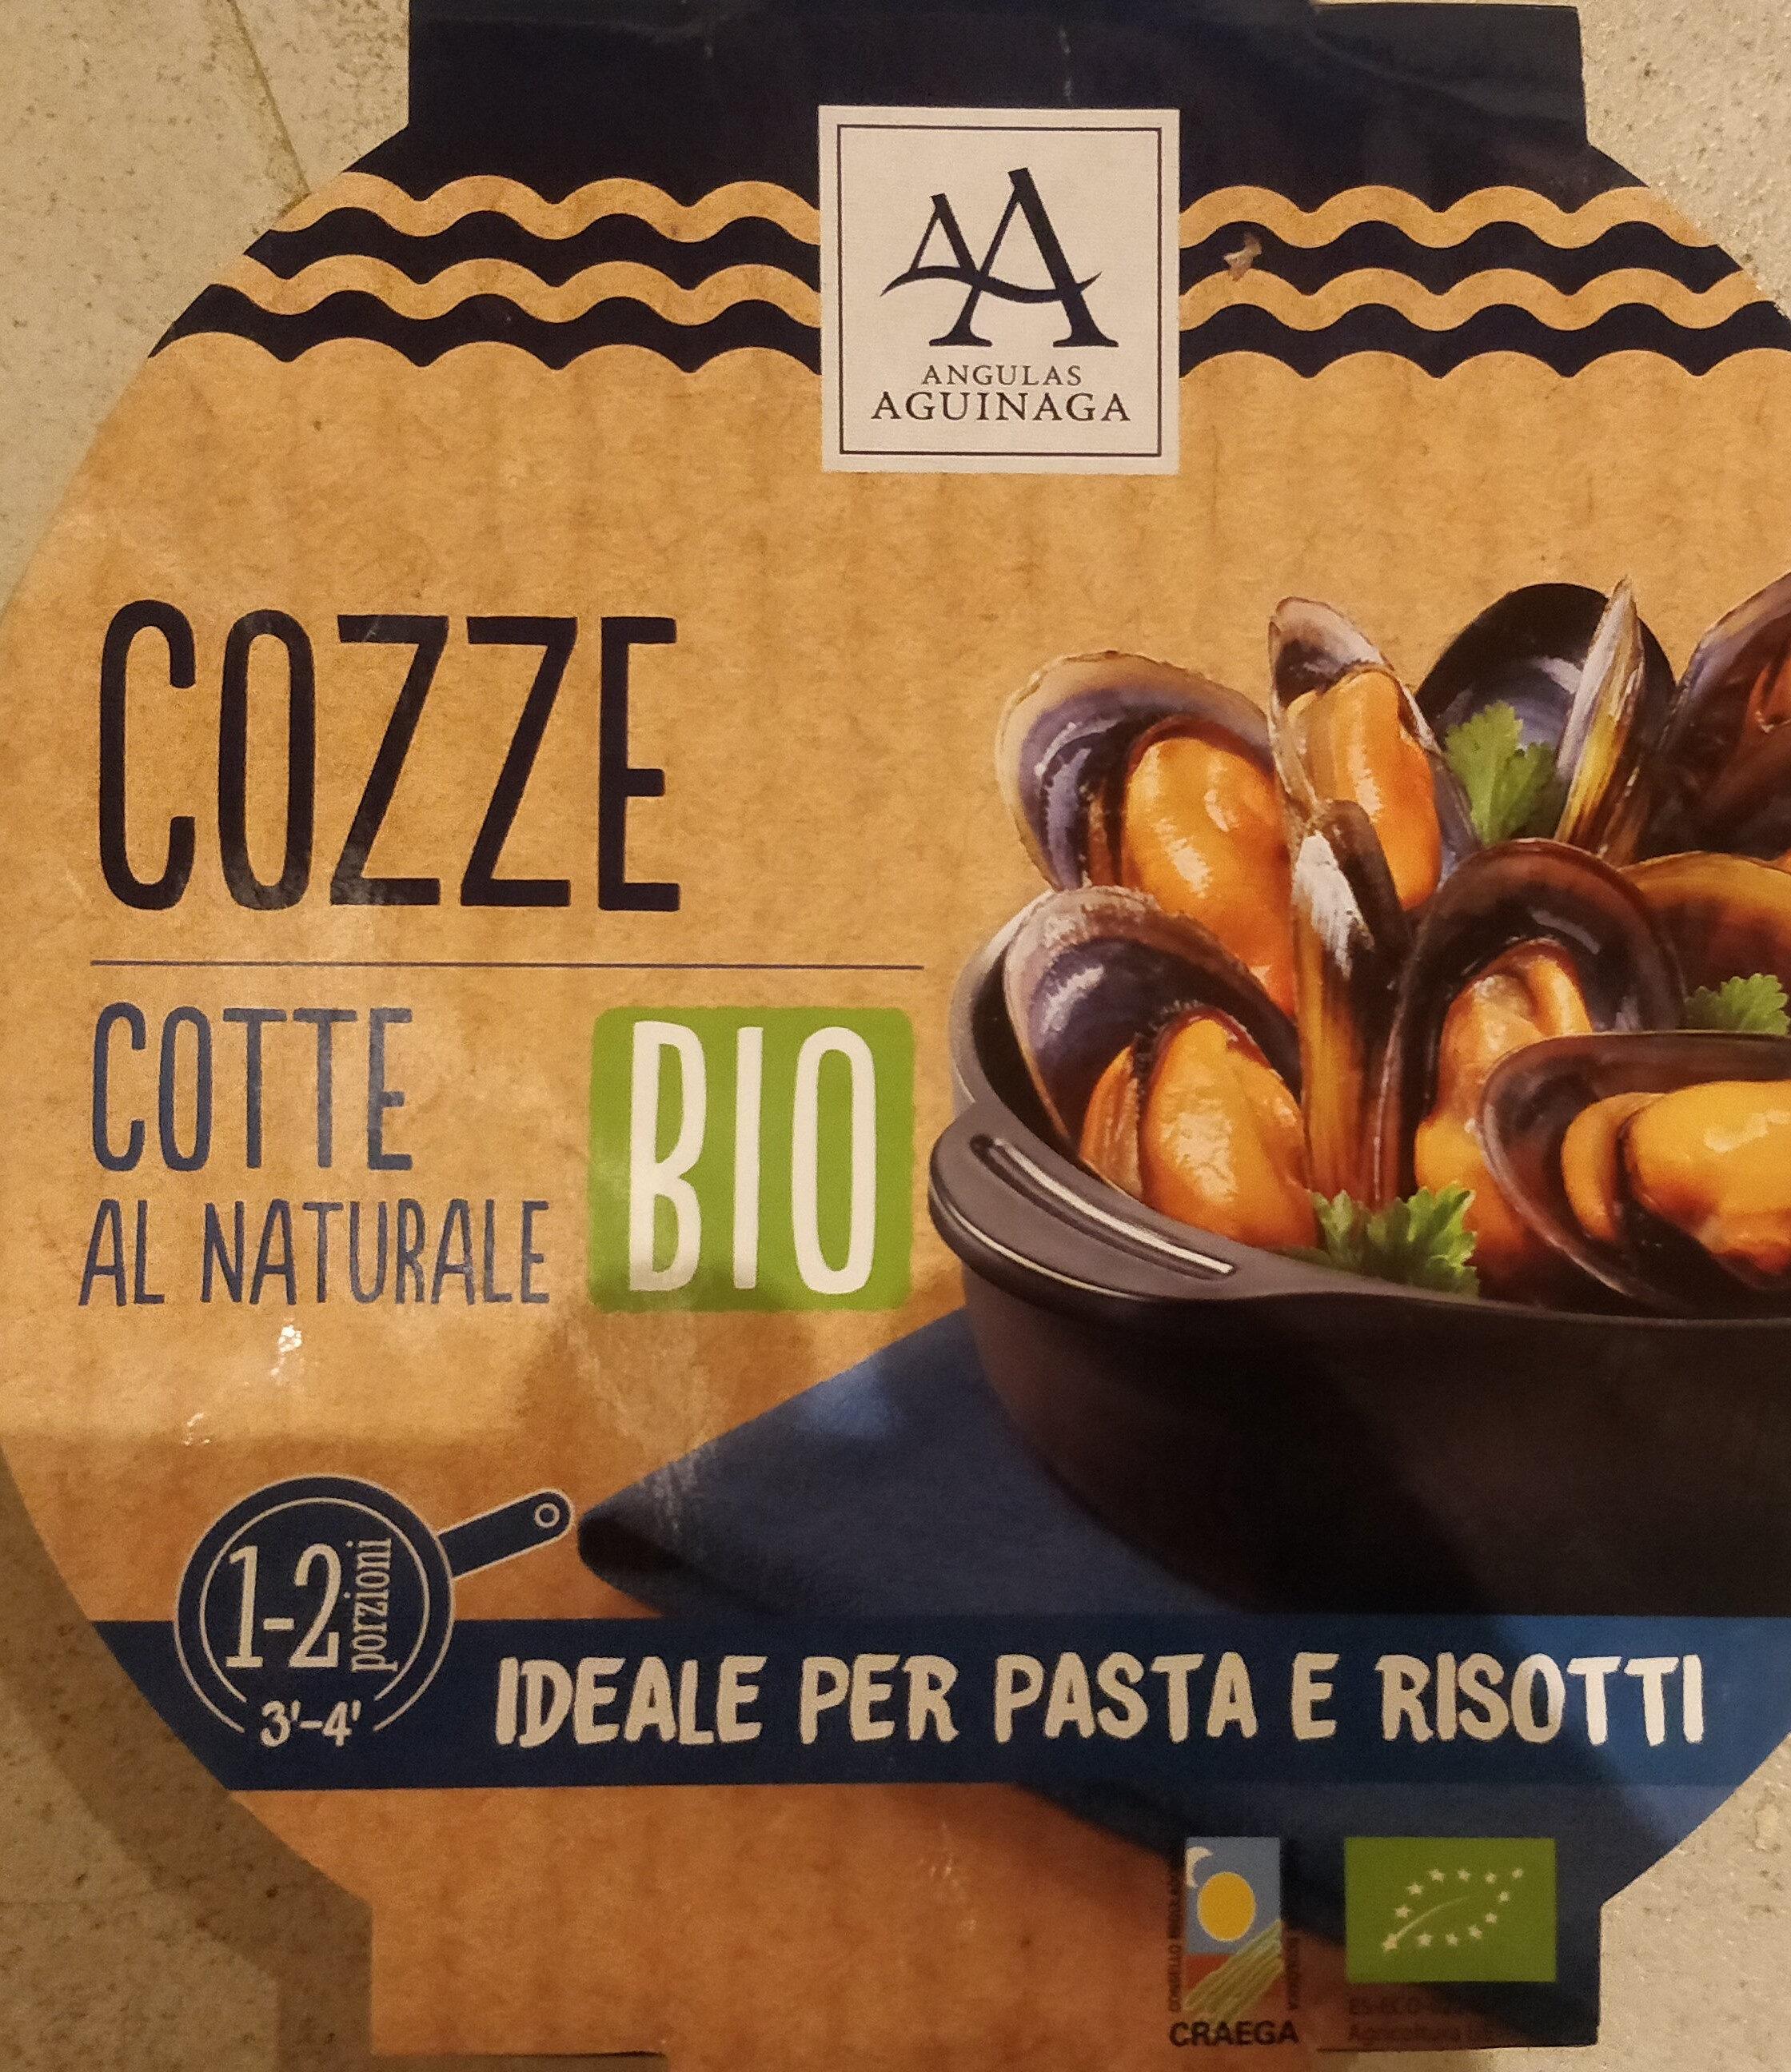 Cozze cotte al naturale bio - Prodotto - it